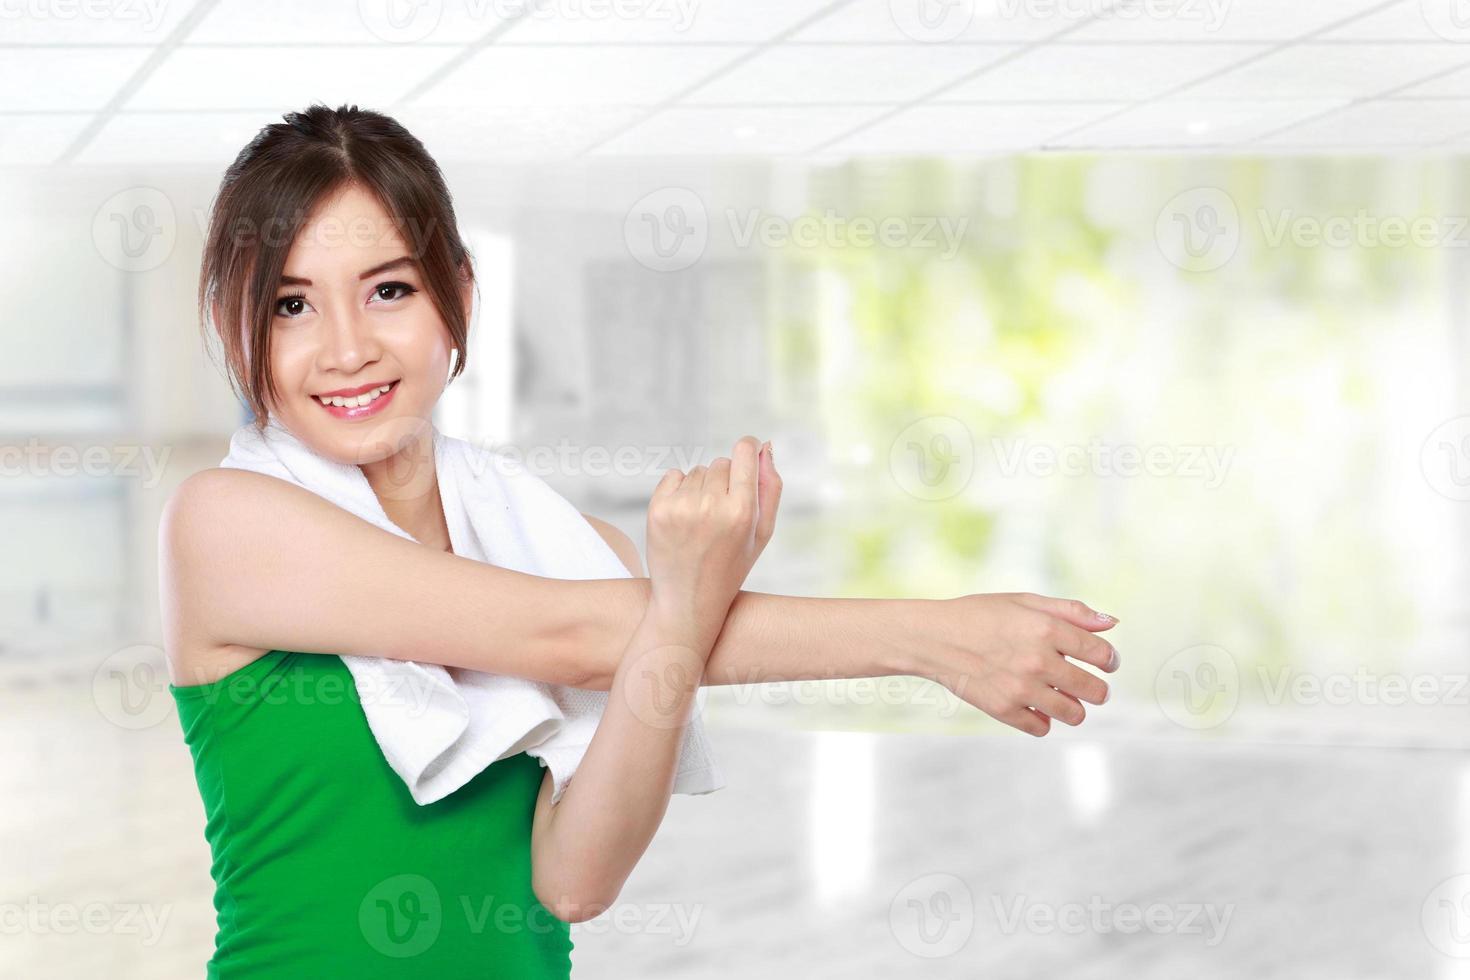 vrouw doen die zich uitstrekt in de sportschool foto